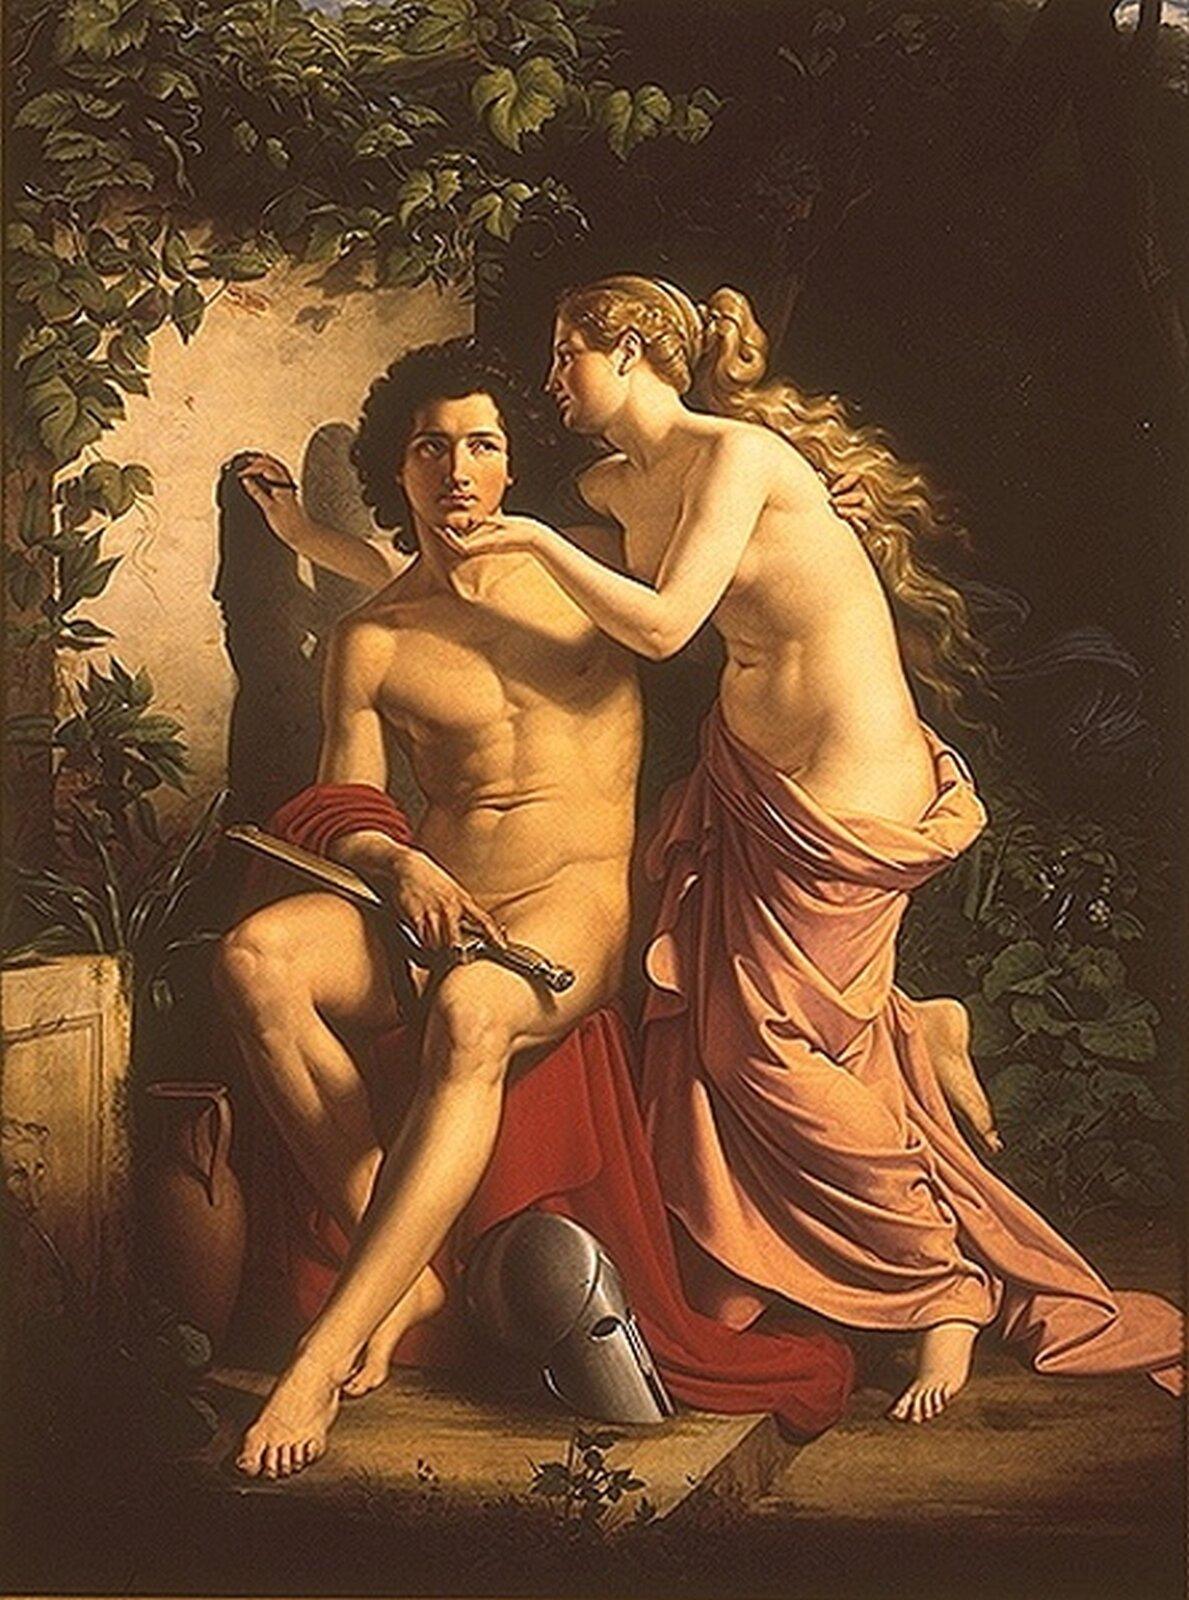 """Ilustracja przedstawiająca obraz Eduarda Daege pt. """"Kalliroe szkicująca podobiznę"""". Obraz przedstawia młodych mężczyznę ikobiet. Mężczyzna siedzi, akobieta odrysowuje na ścianie jego cień."""